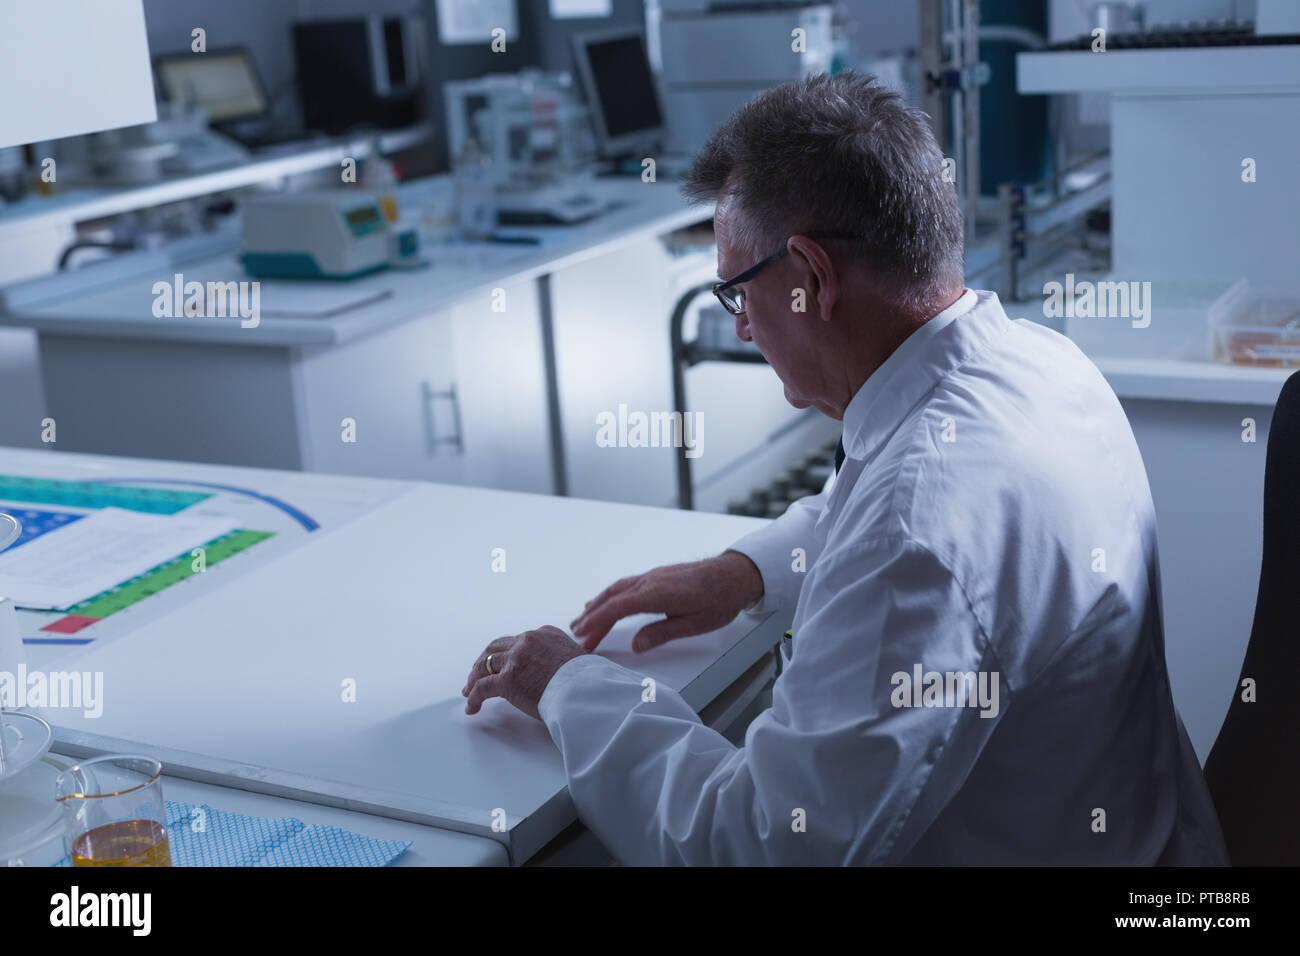 Männliche Wissenschaftler mit UNSEEN neue Technologie am Schreibtisch Stockbild